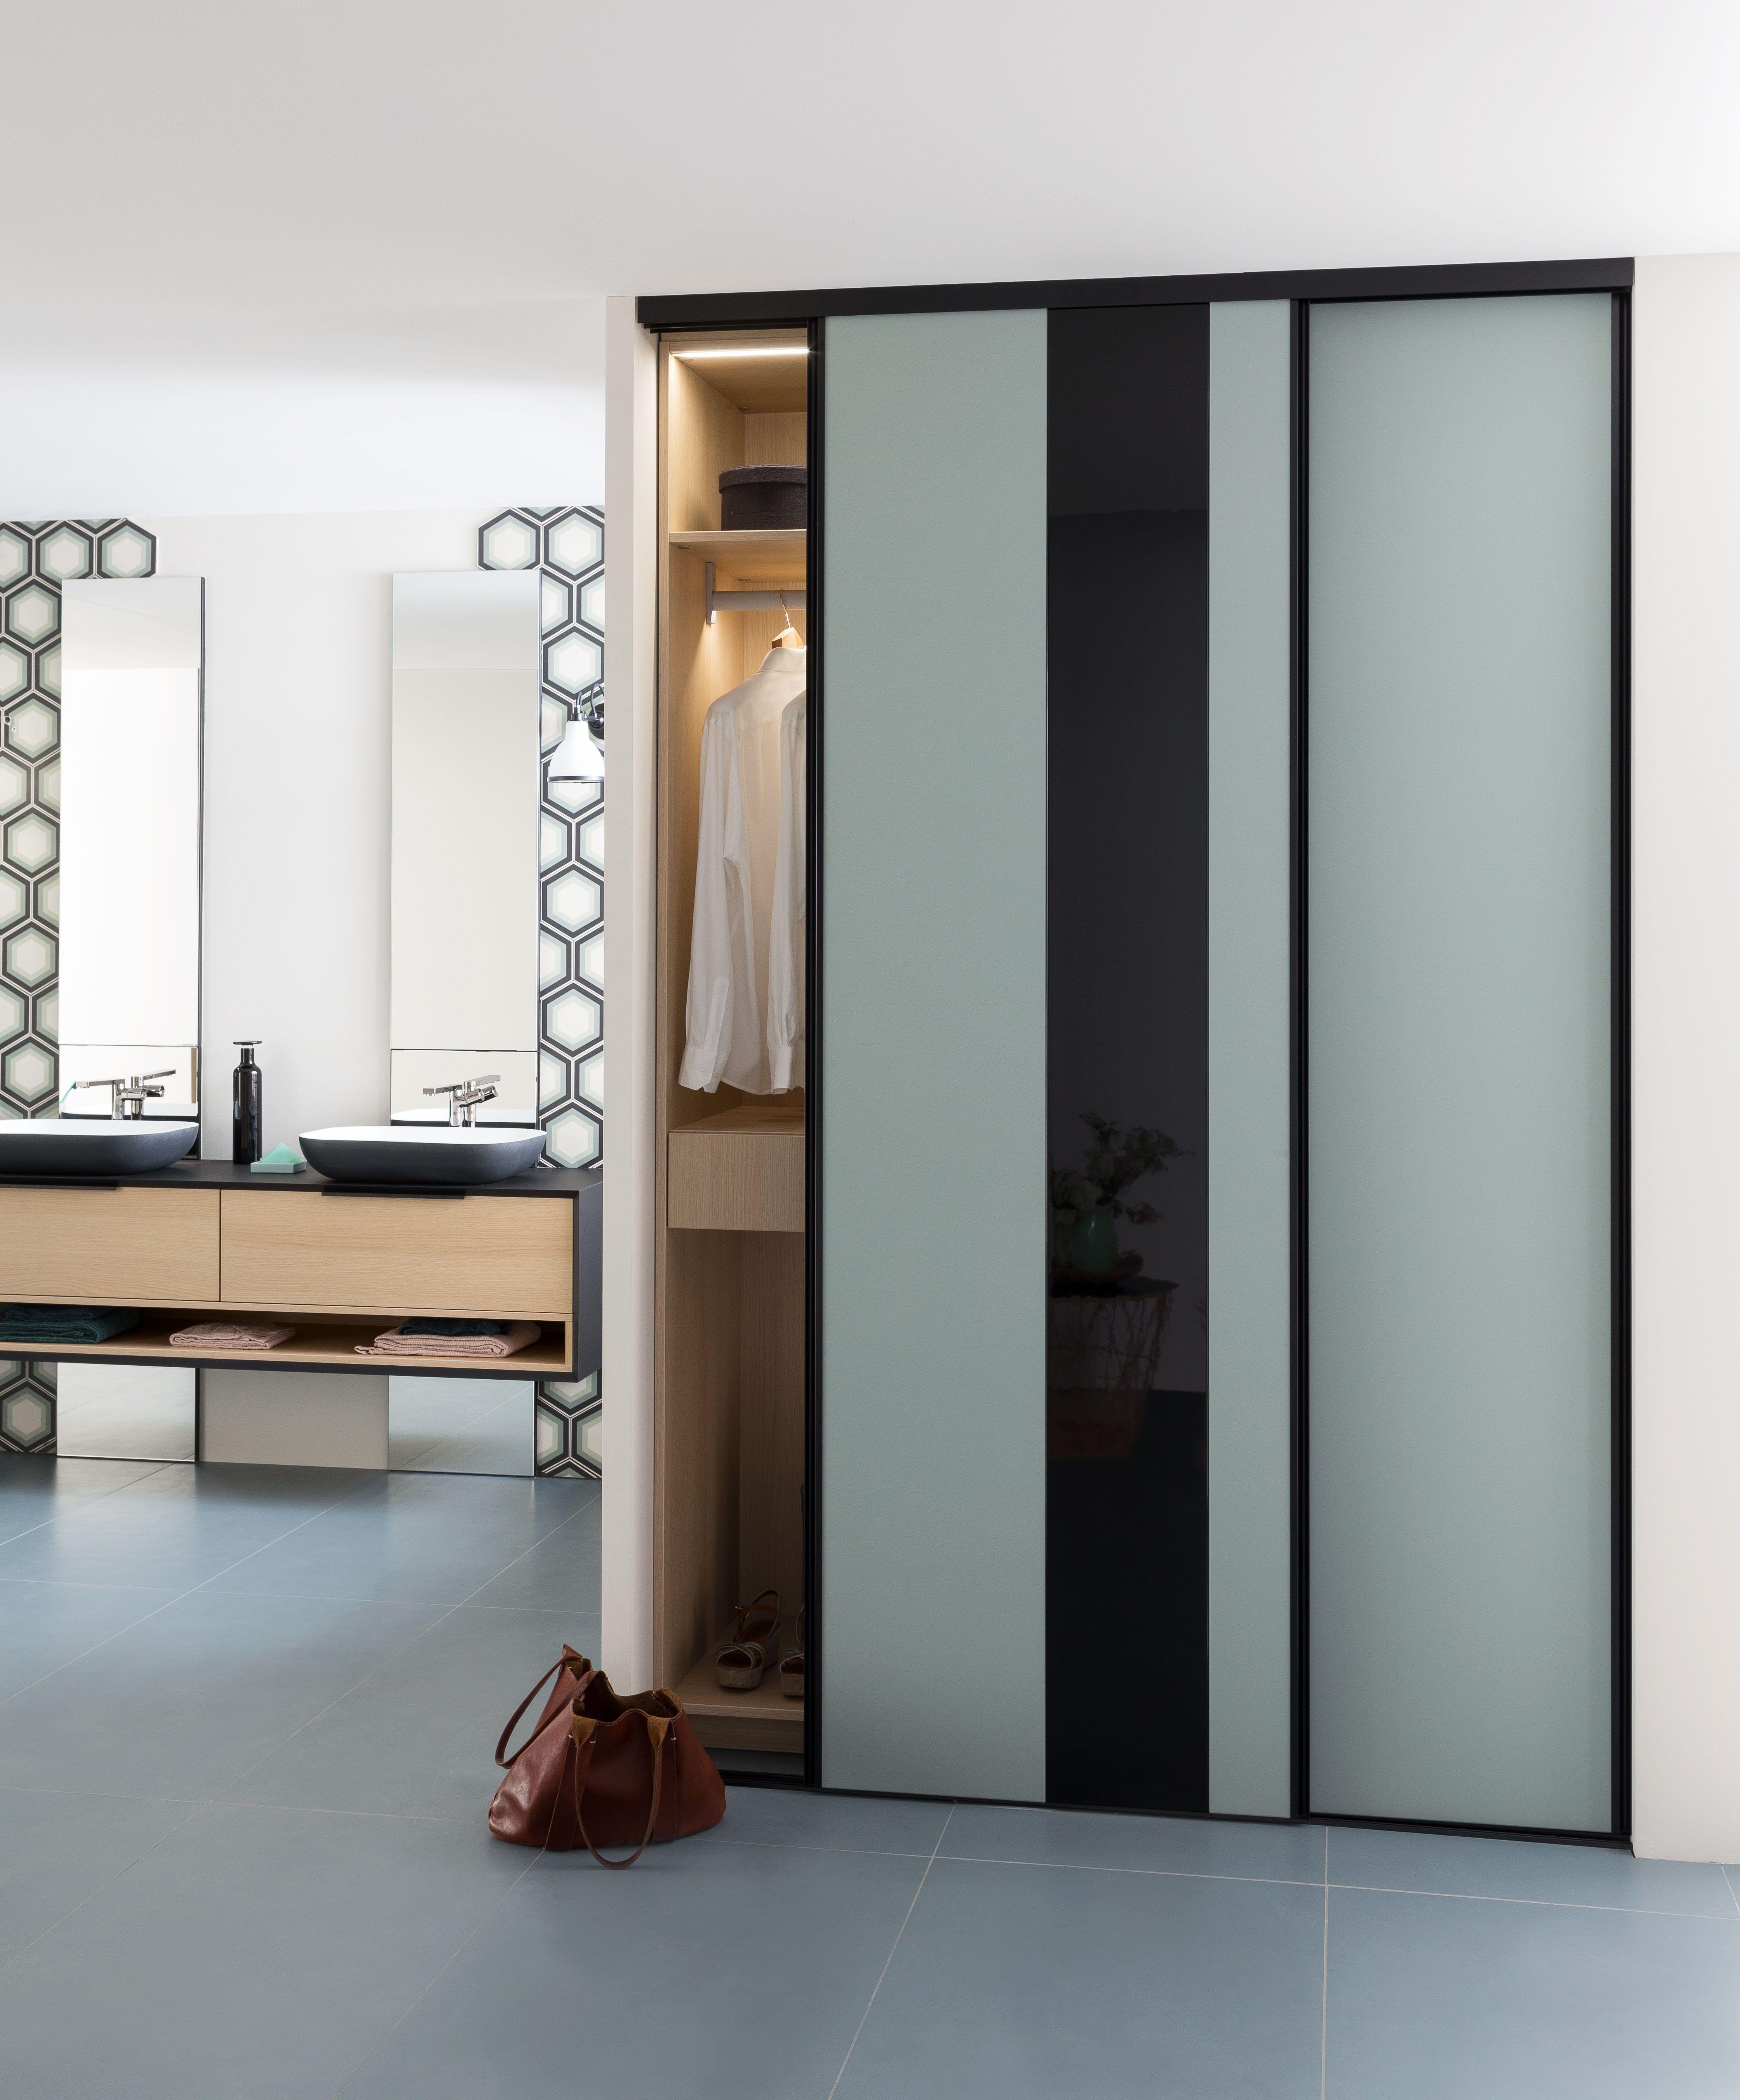 Salle De Bains Design Et Graphique Salle De Bain Design Salle De Bains Design Carrelage Salle De Bain Luxe